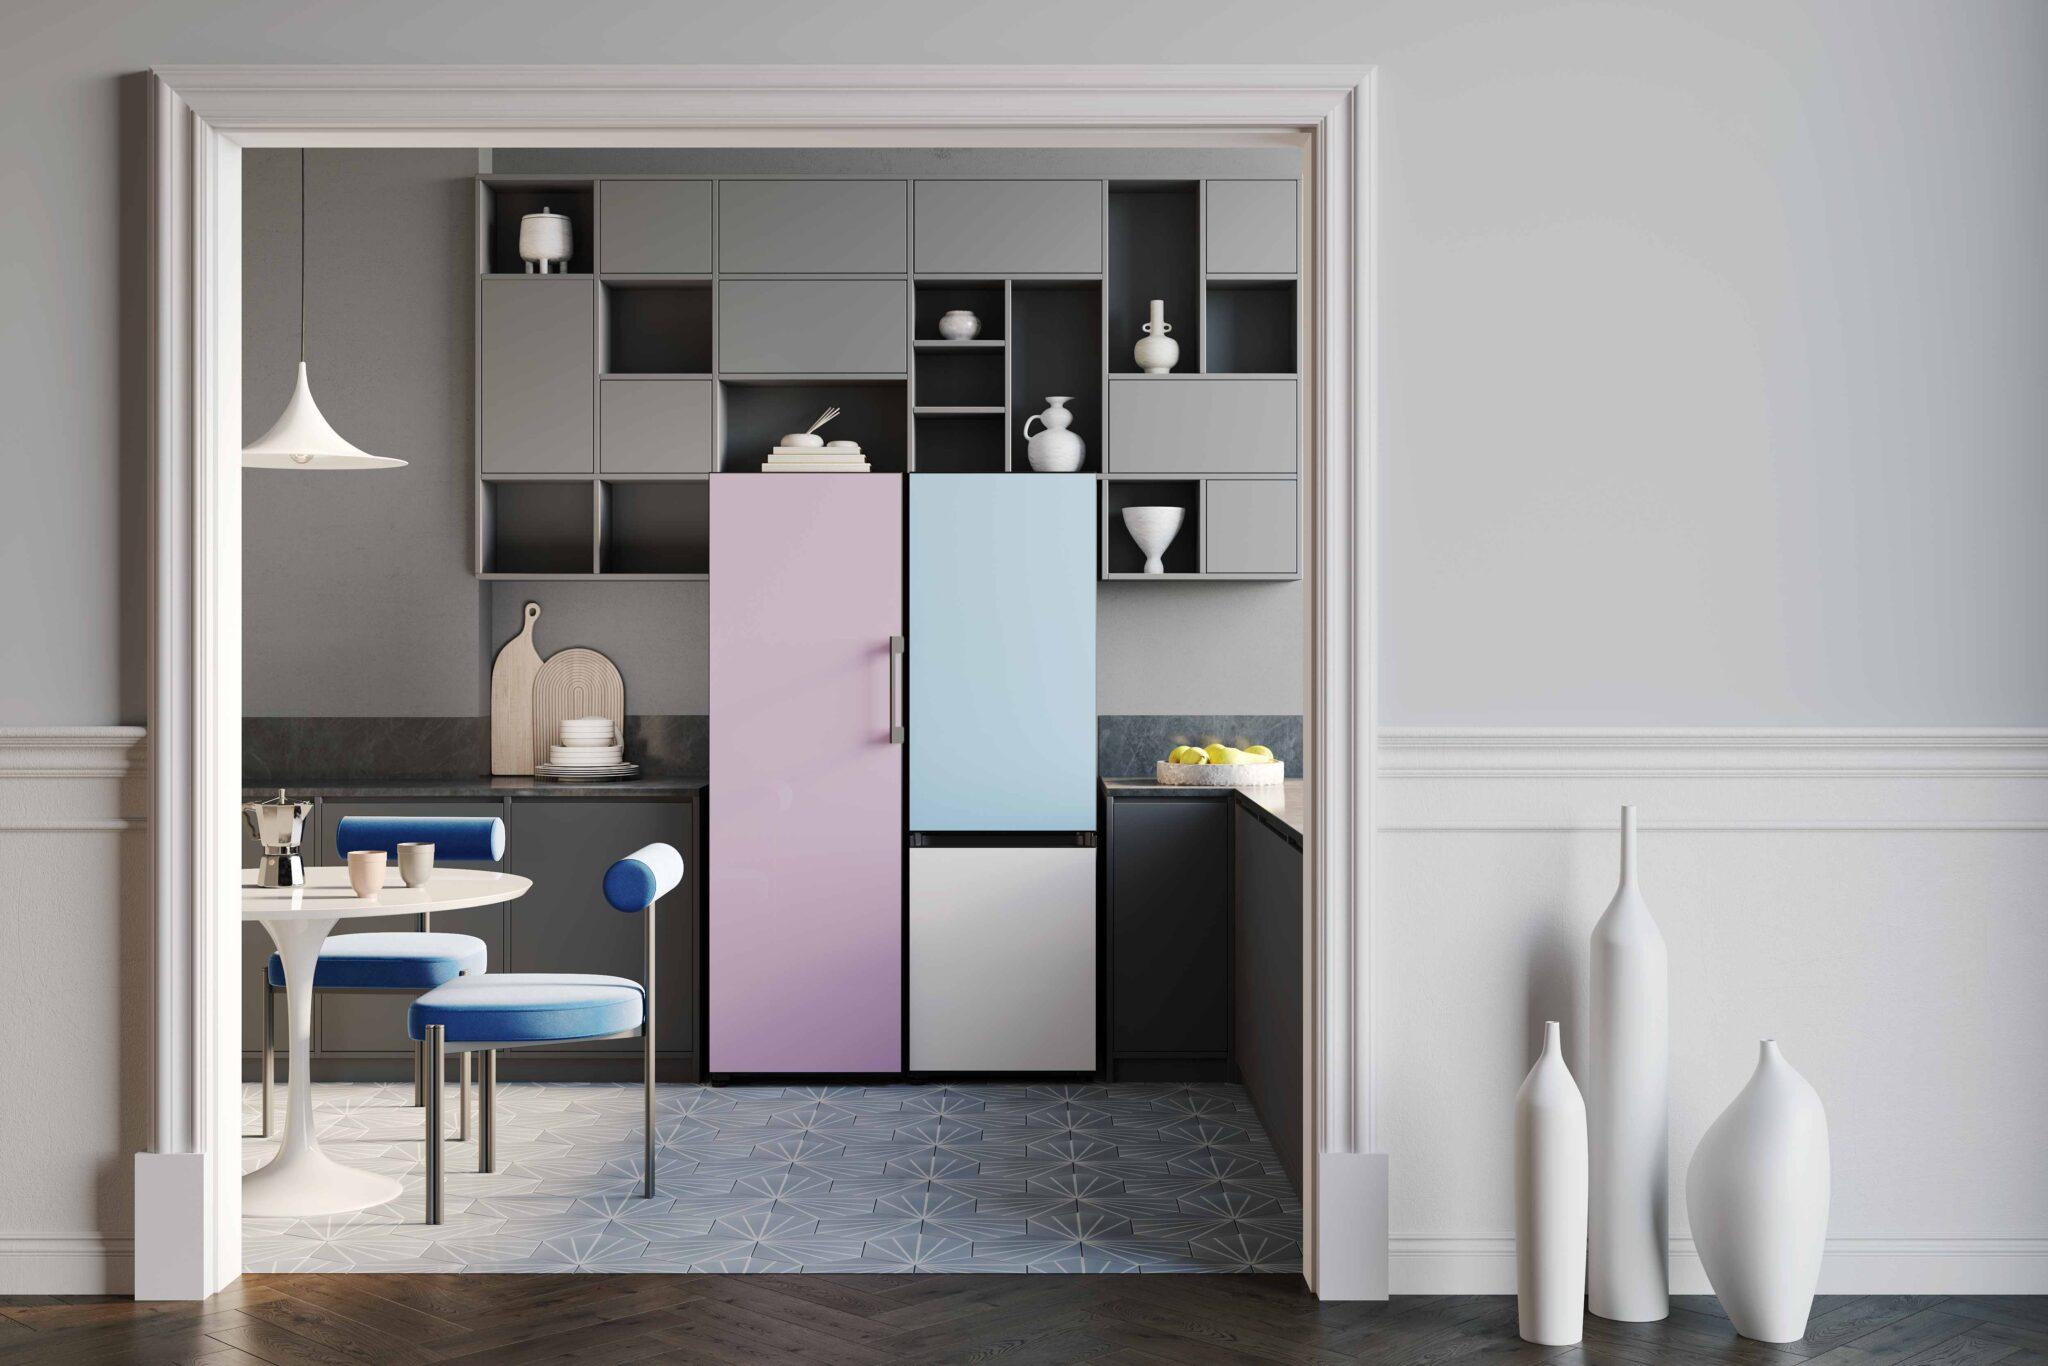 I frigoriferi smart e di design Samsung BESPOKE: intervista video a Daniele Grassi